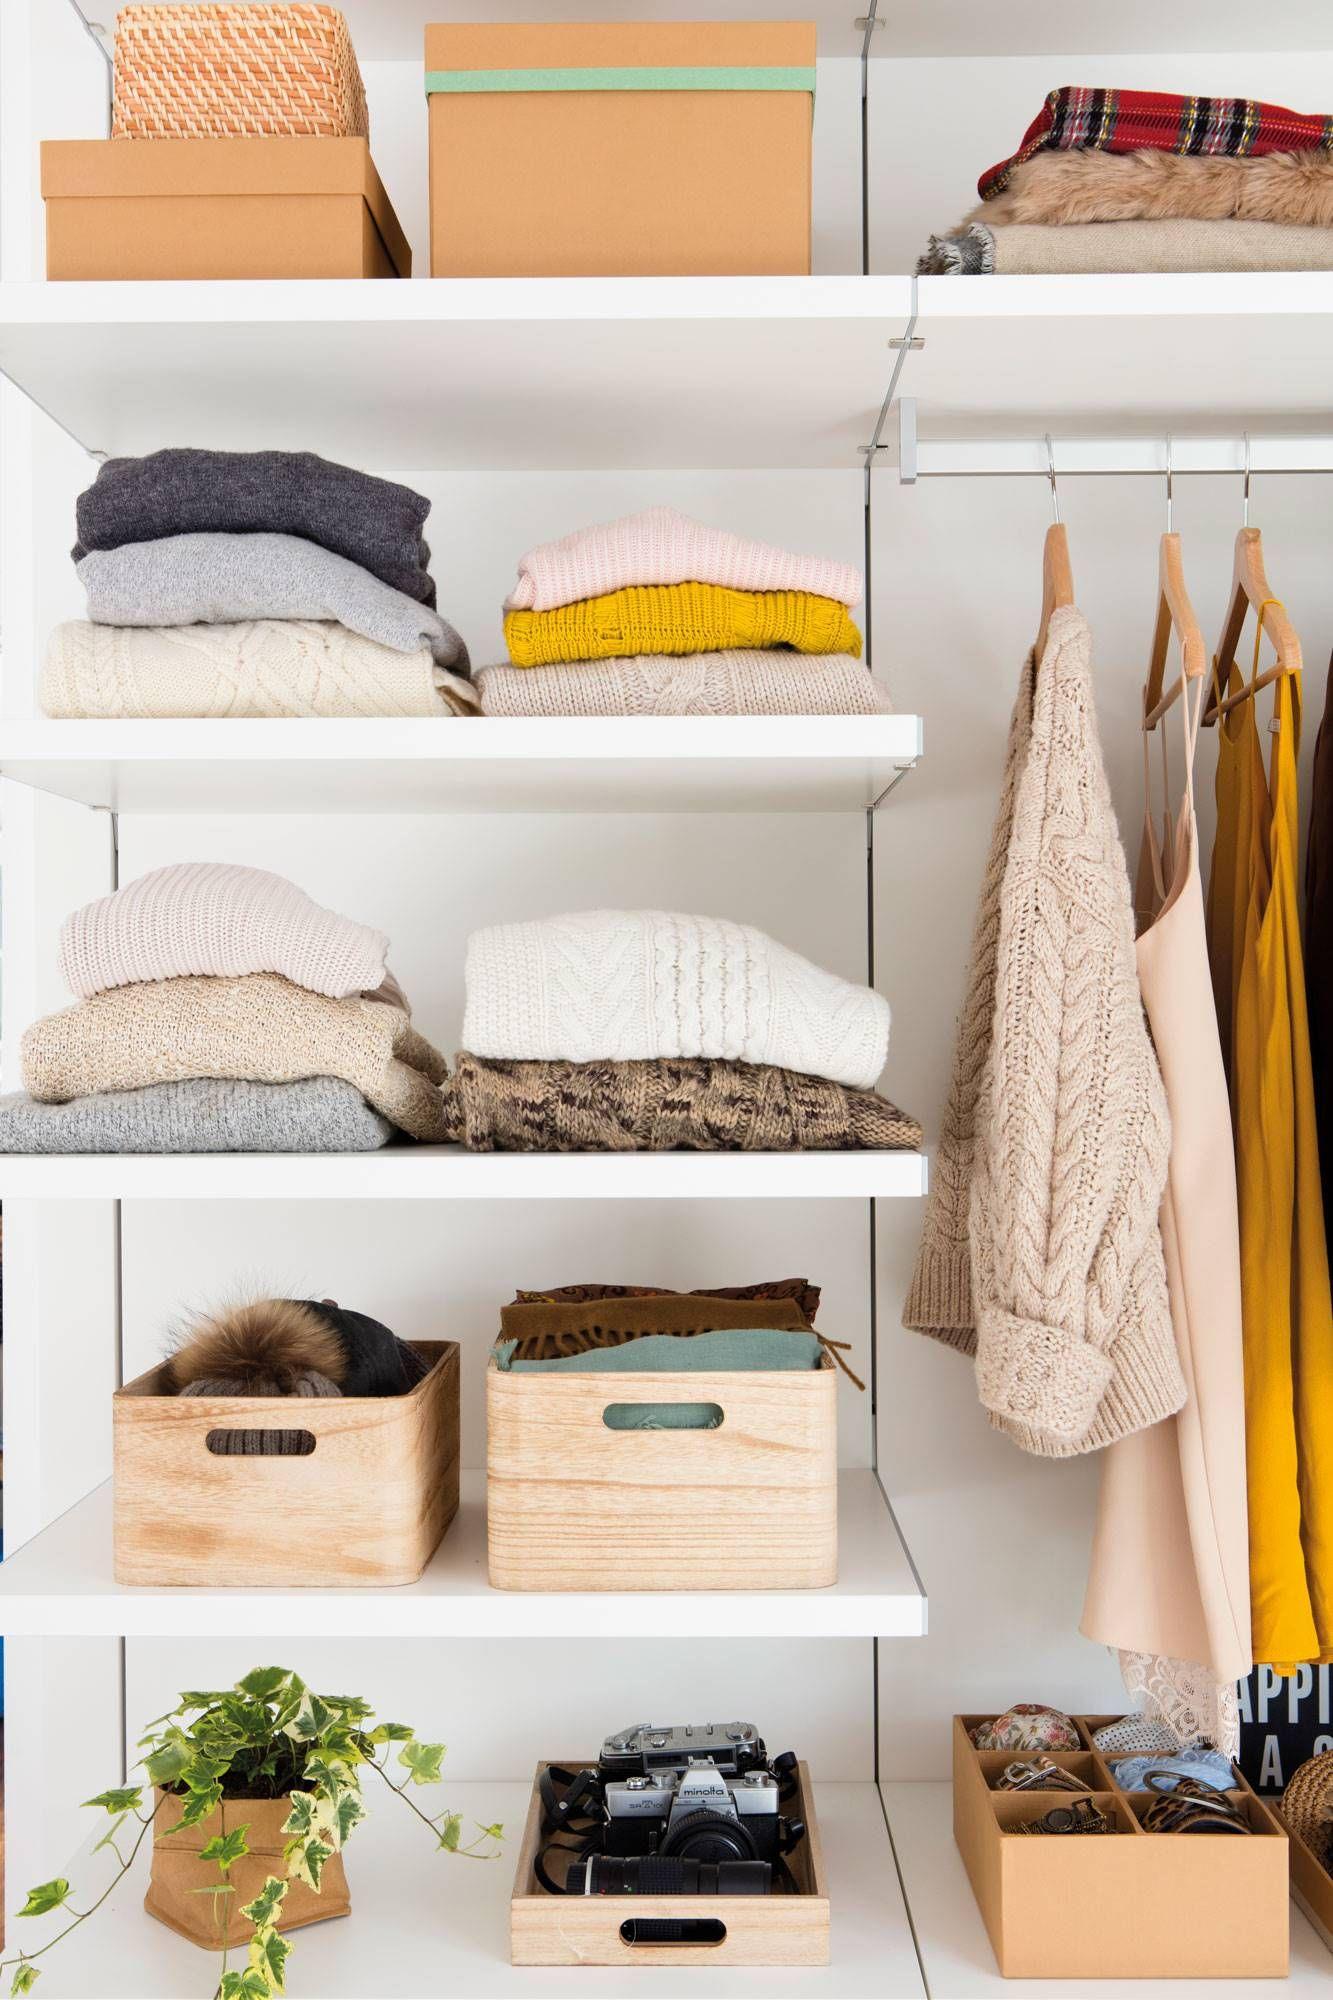 Distribucion Interior De Armarios Y Medidas Para Cada Tipo De Prenda Interiores De Armarios Mueble Para Ropa Diseno De Armario Para Dormitorio